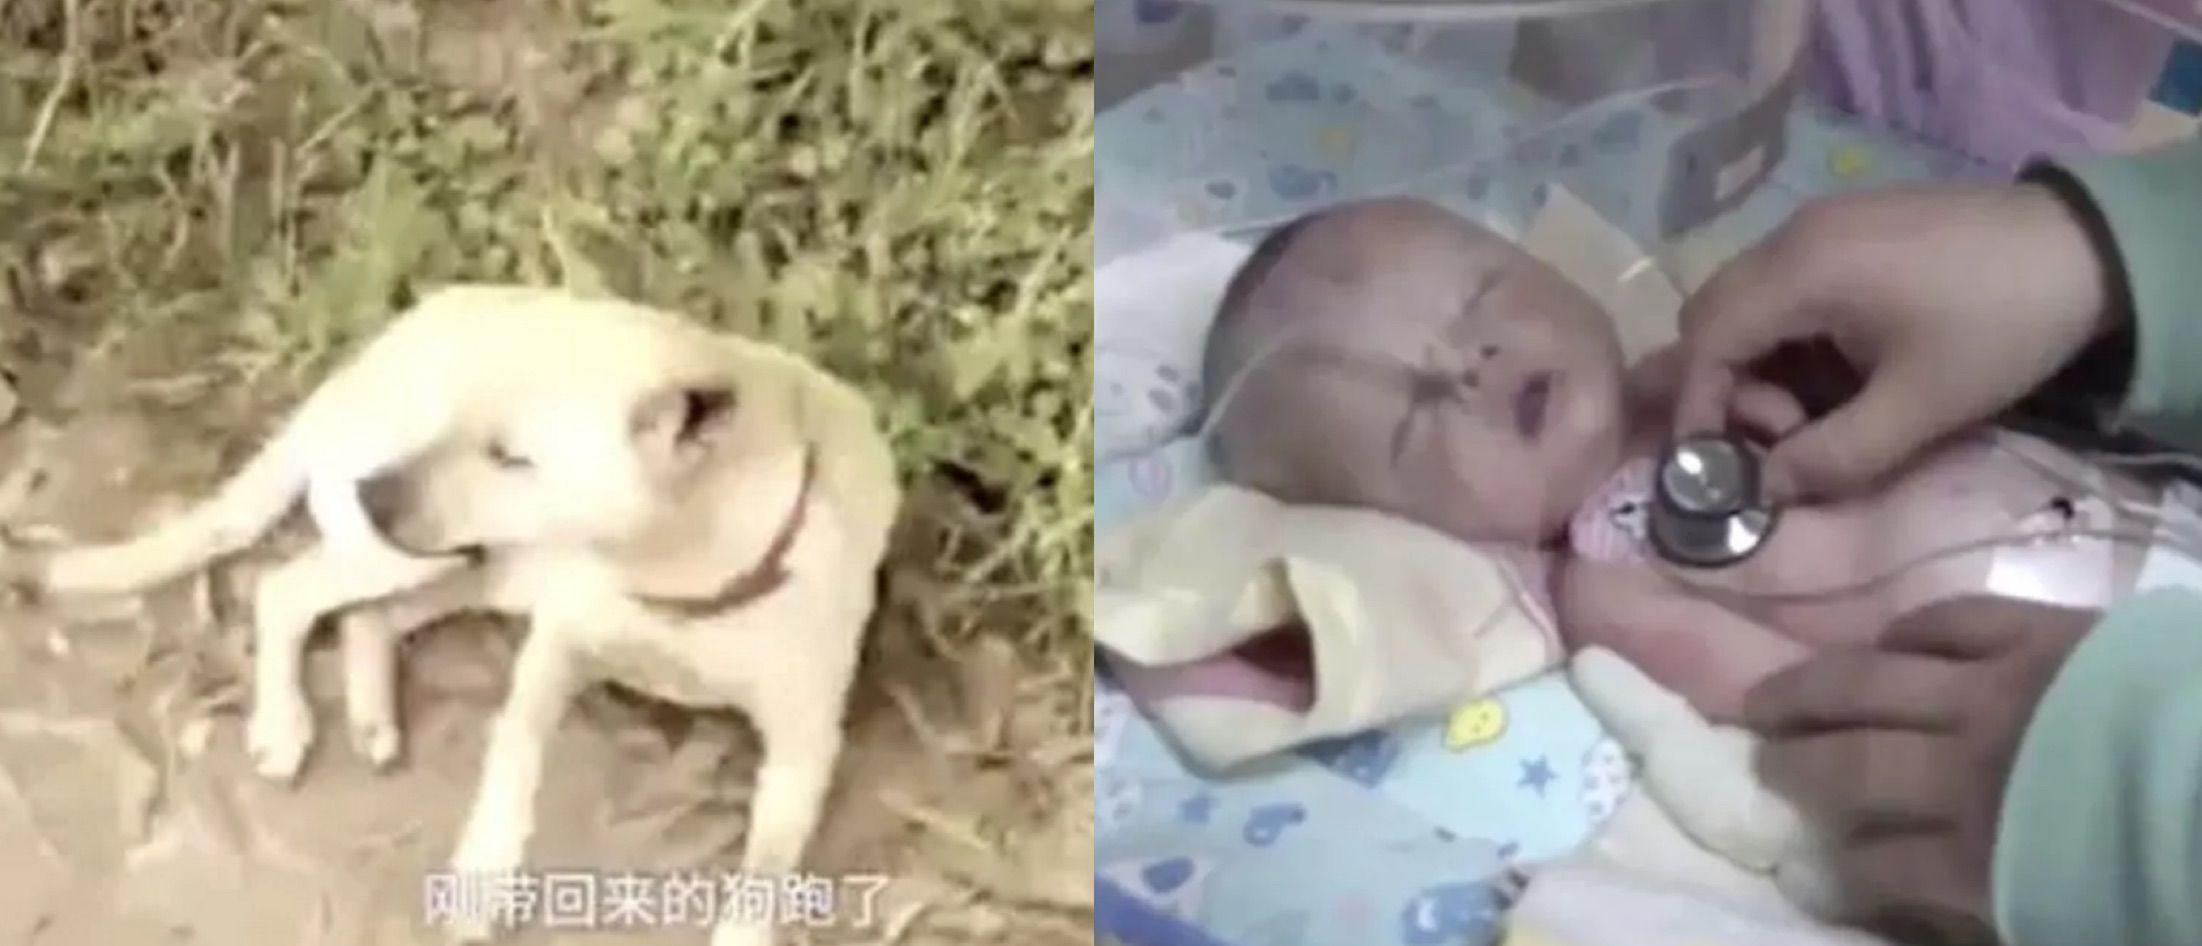 Cane salva un neonato sepolto vivo grazie al suo fiuto: l'incredibile salvataggio in Cina